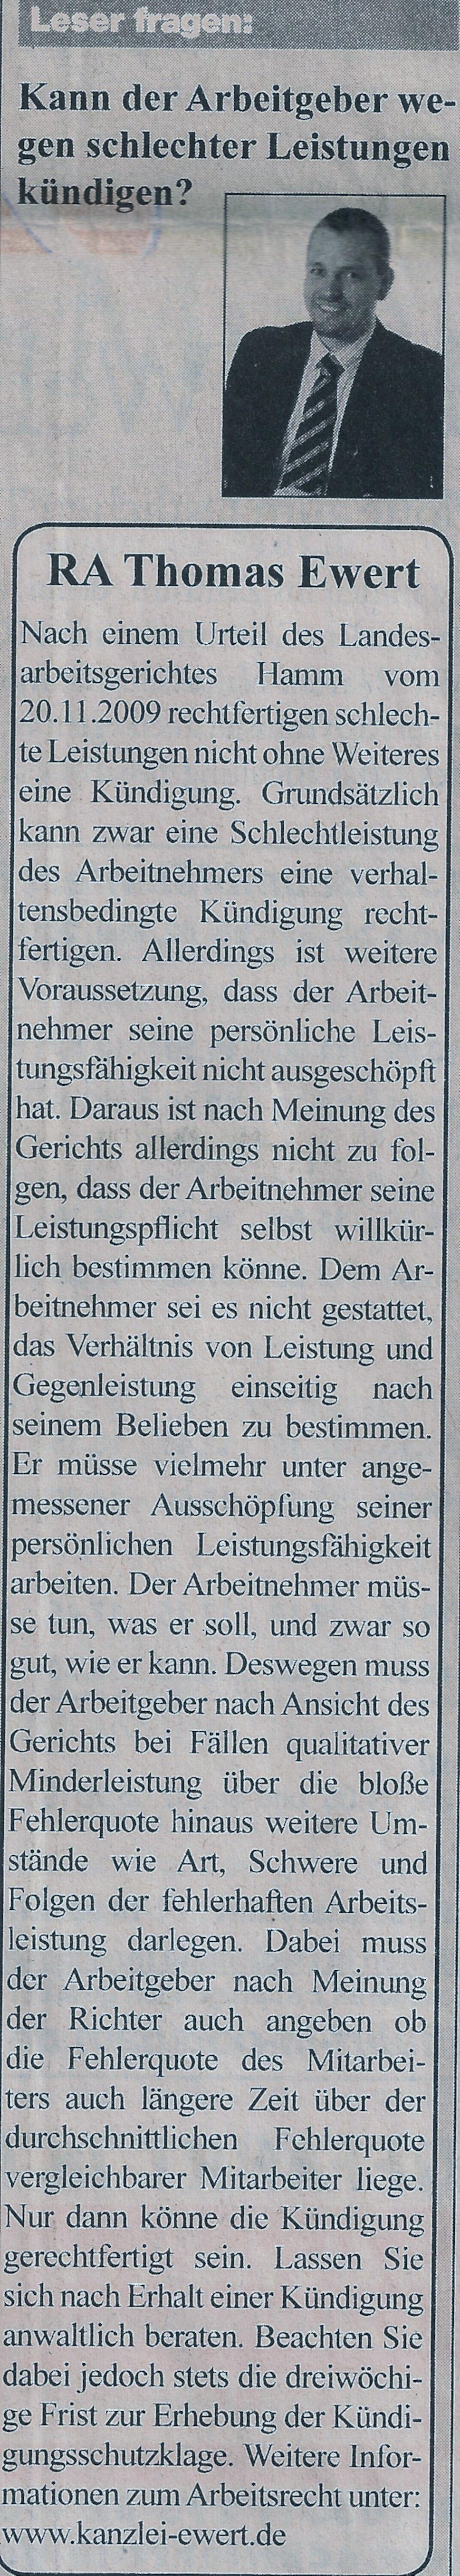 Rechtsanwalt Thomas Ewert Kann Der Arbeitgeber Wegen Schlechter